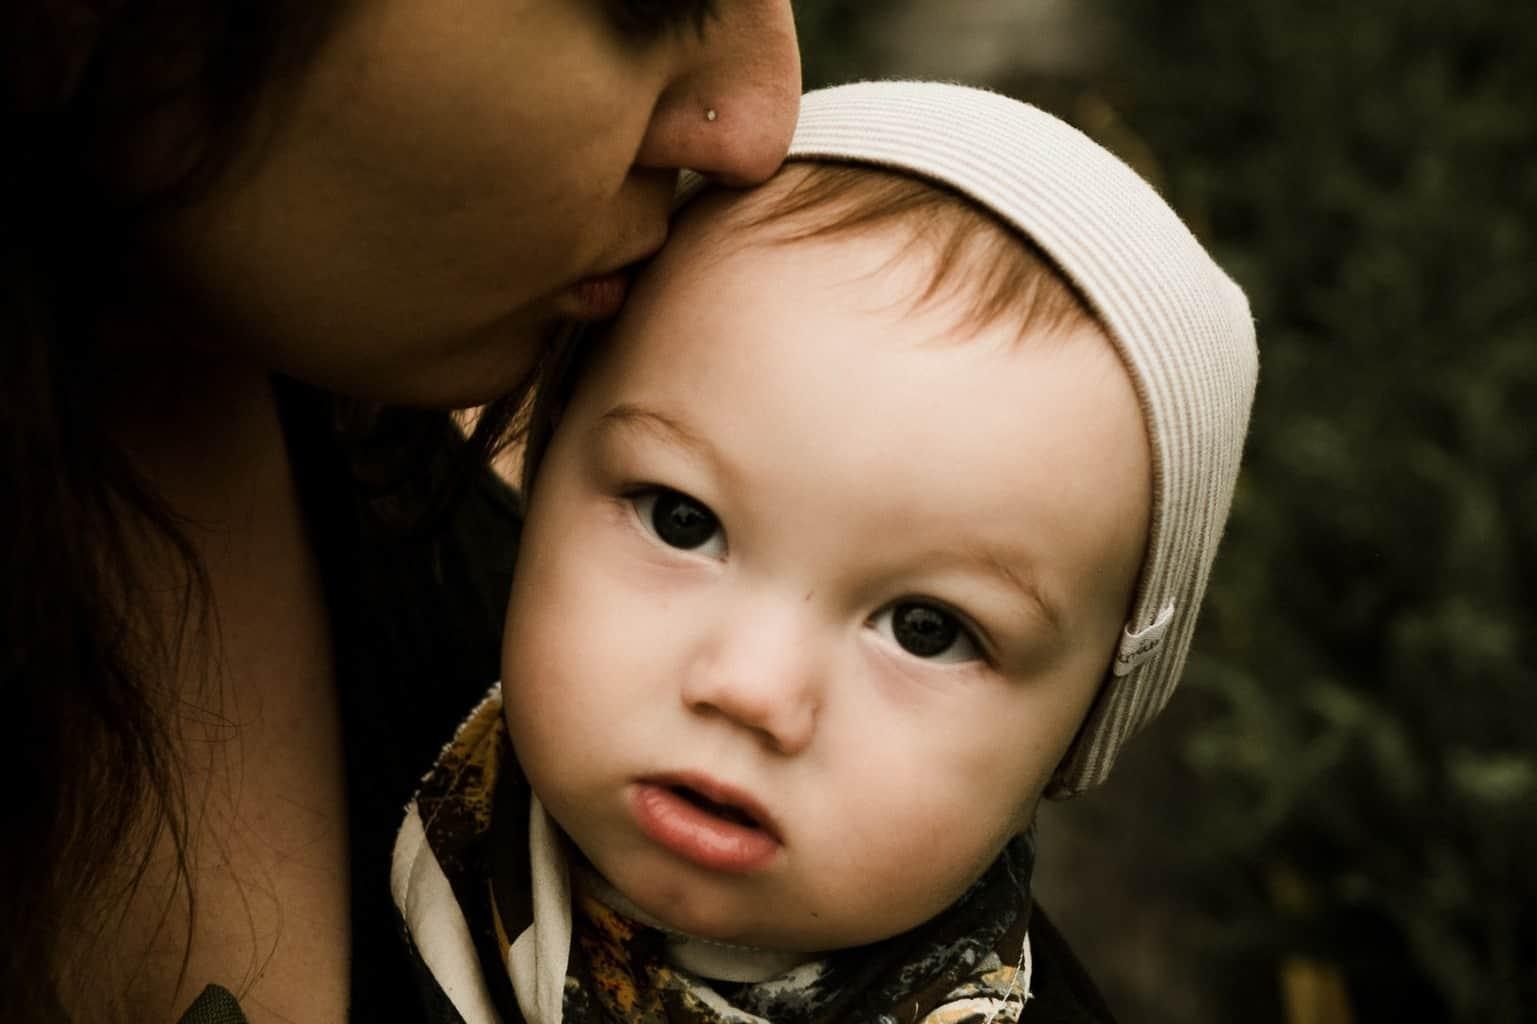 Child kiss